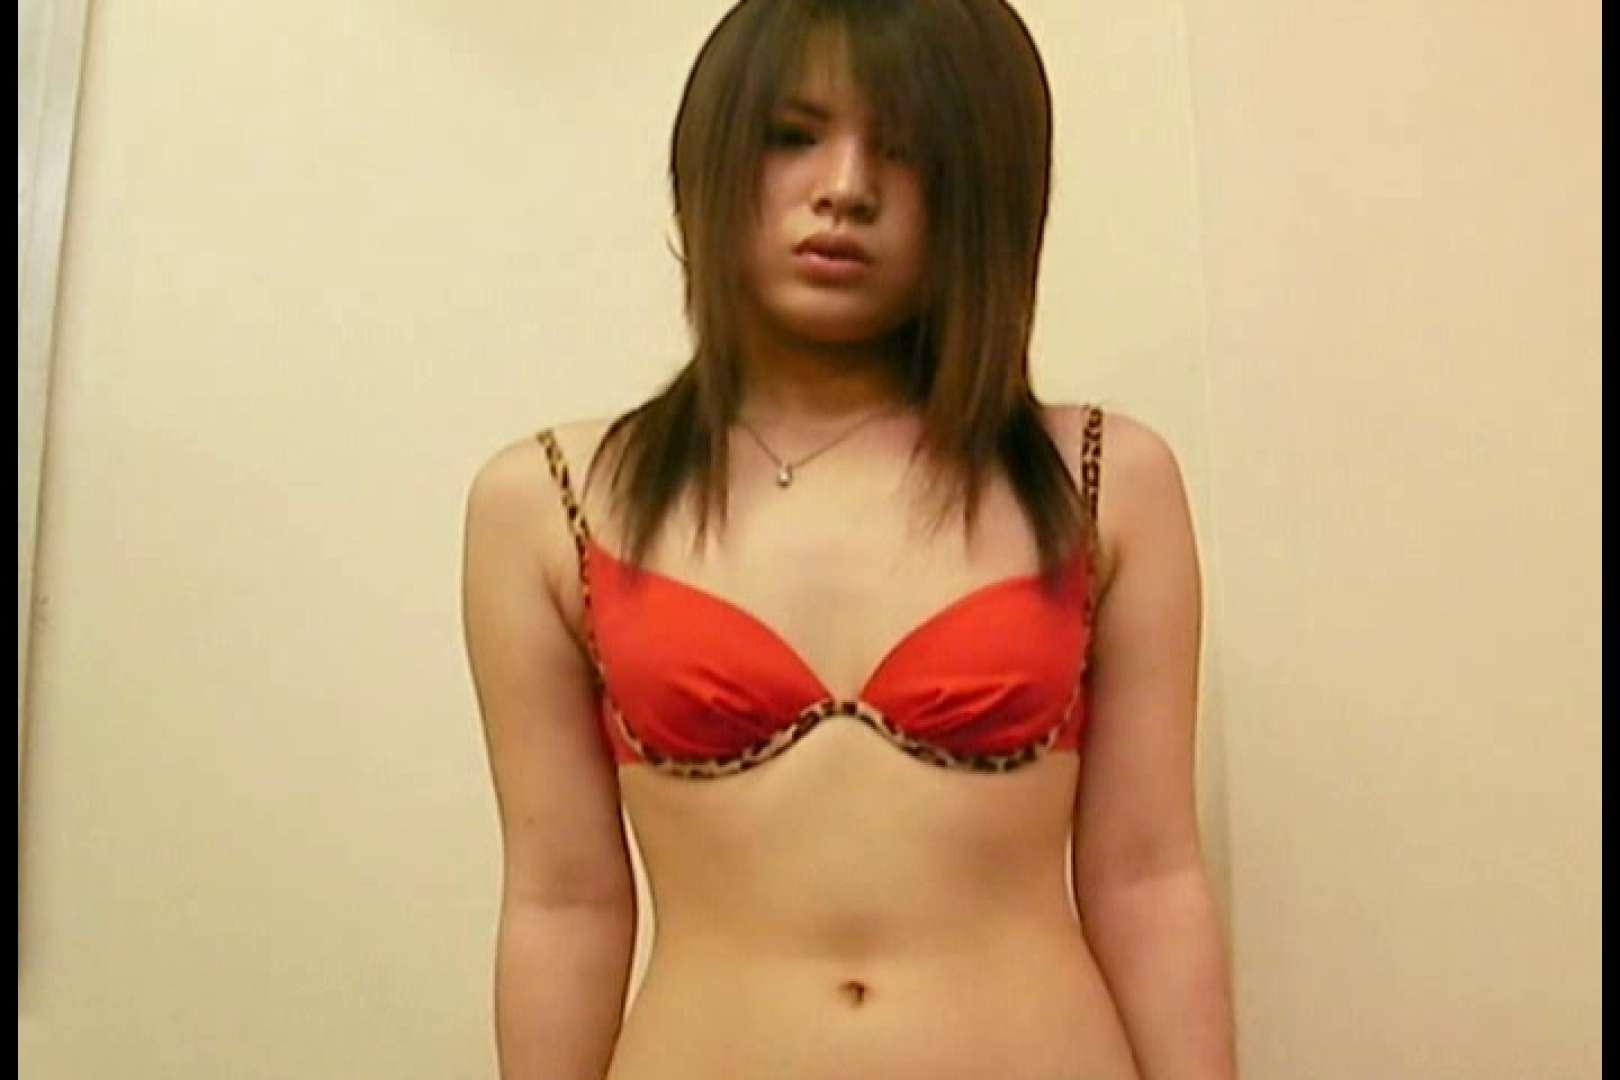 素人撮影 下着だけの撮影のはずが・・・仮名れいか18歳 素人流出動画  82枚 24